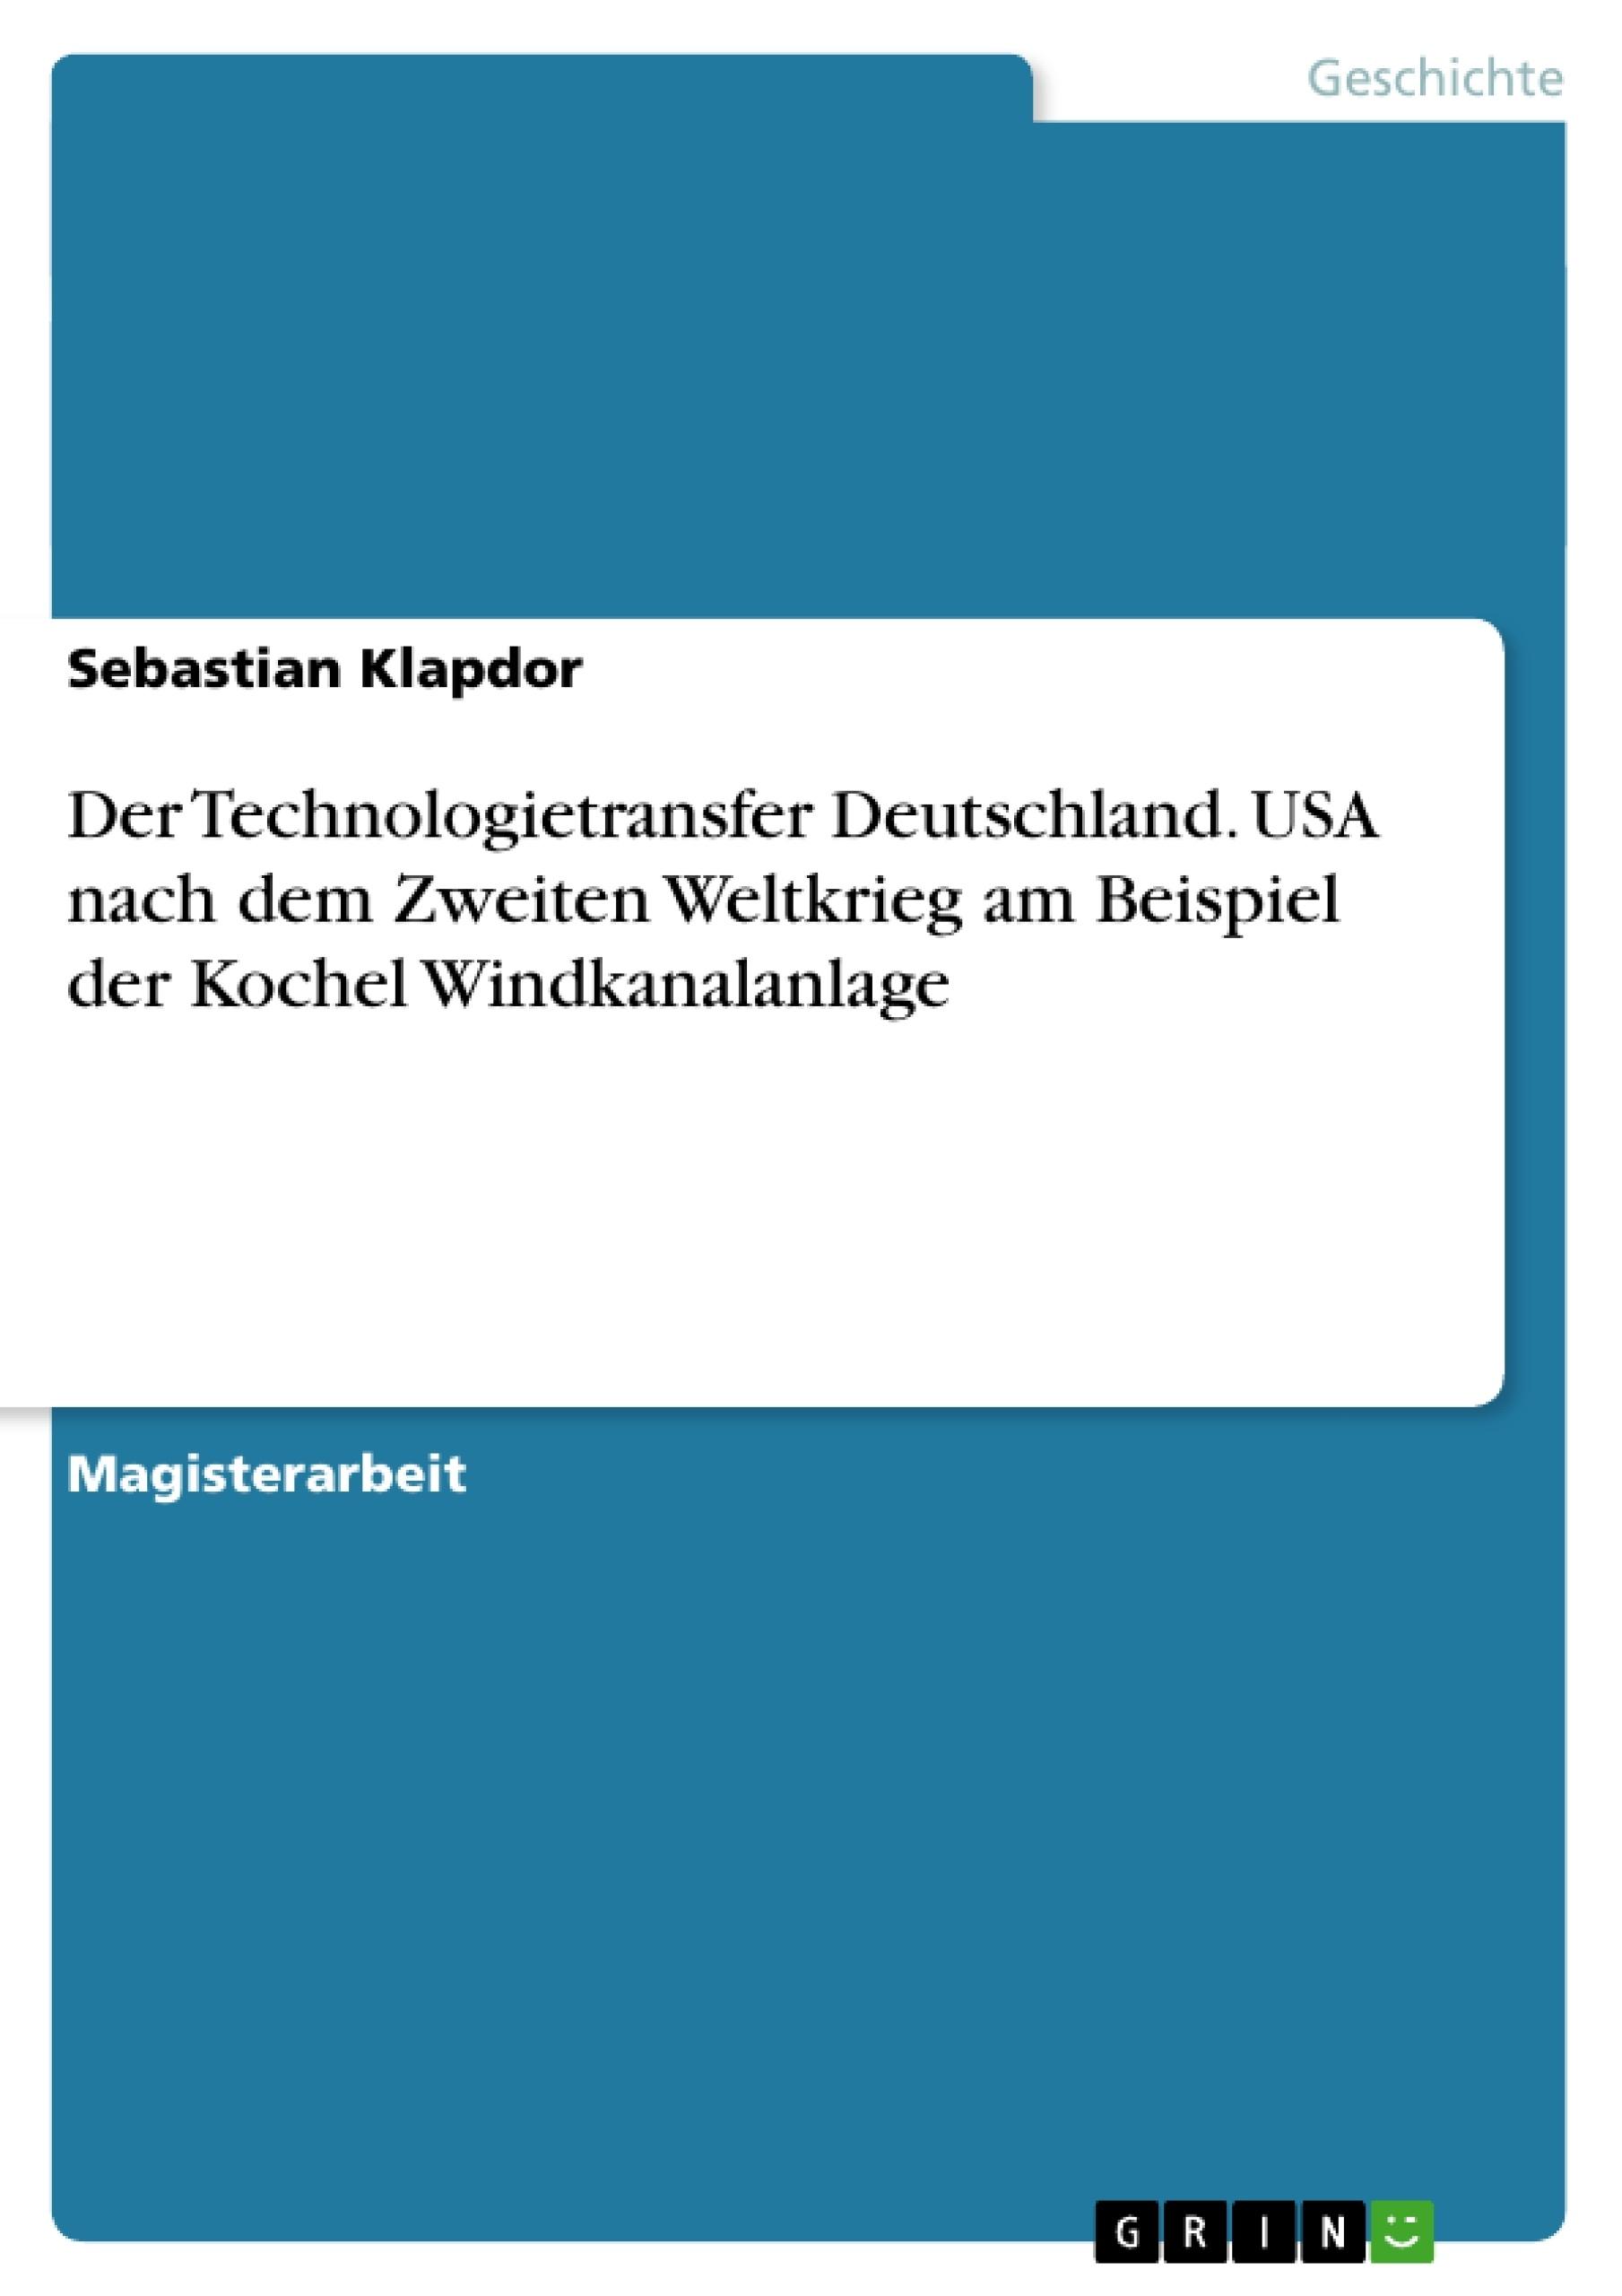 Titel: Der Technologietransfer Deutschland. USA nach dem Zweiten Weltkrieg am Beispiel der Kochel Windkanalanlage